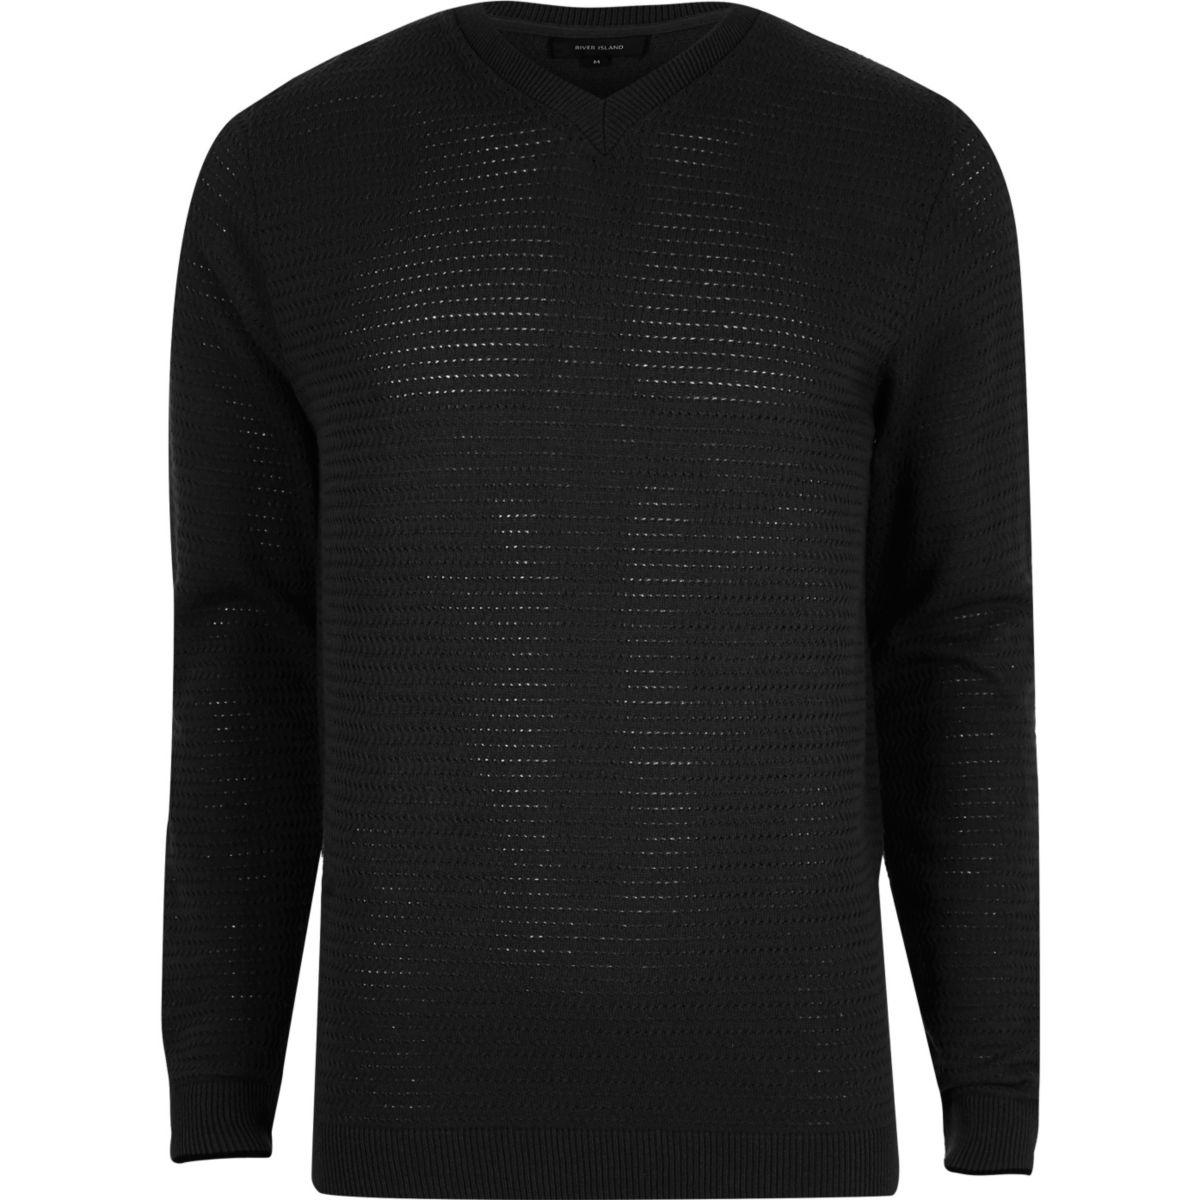 Black textured knit V neck slim fit sweater